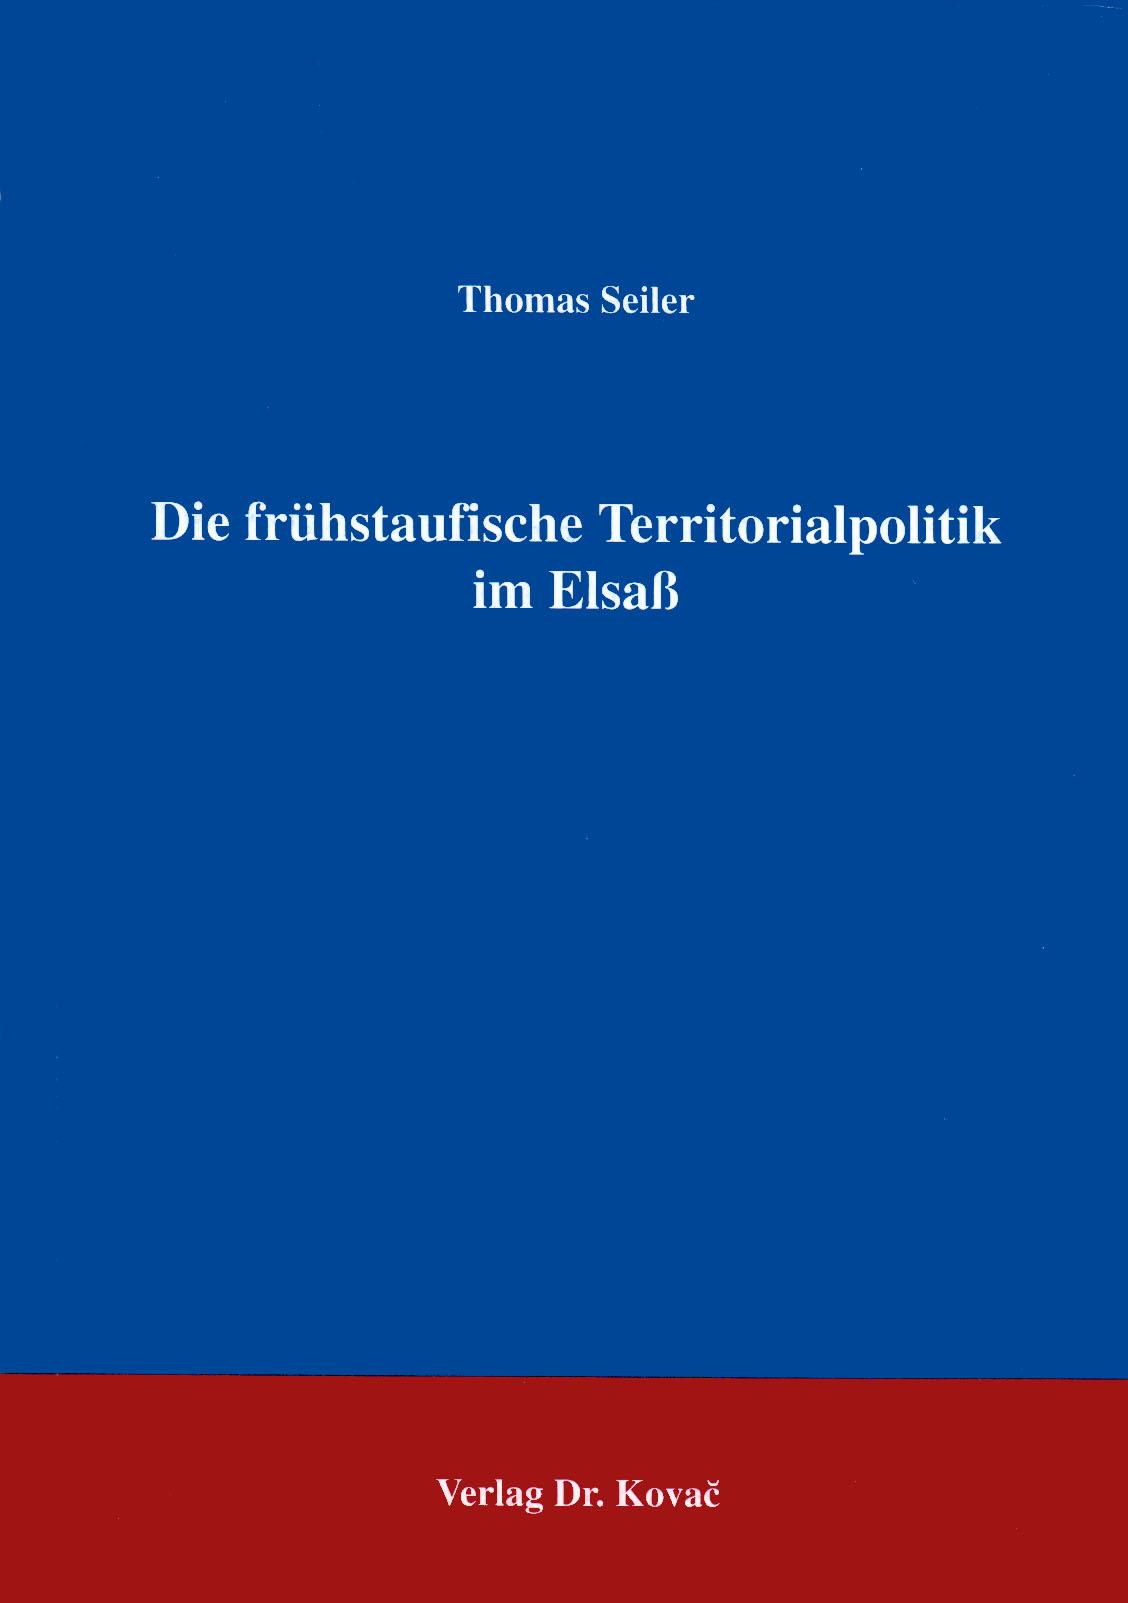 Cover: Die frühstaufische Territorialpolitik im Elsaß